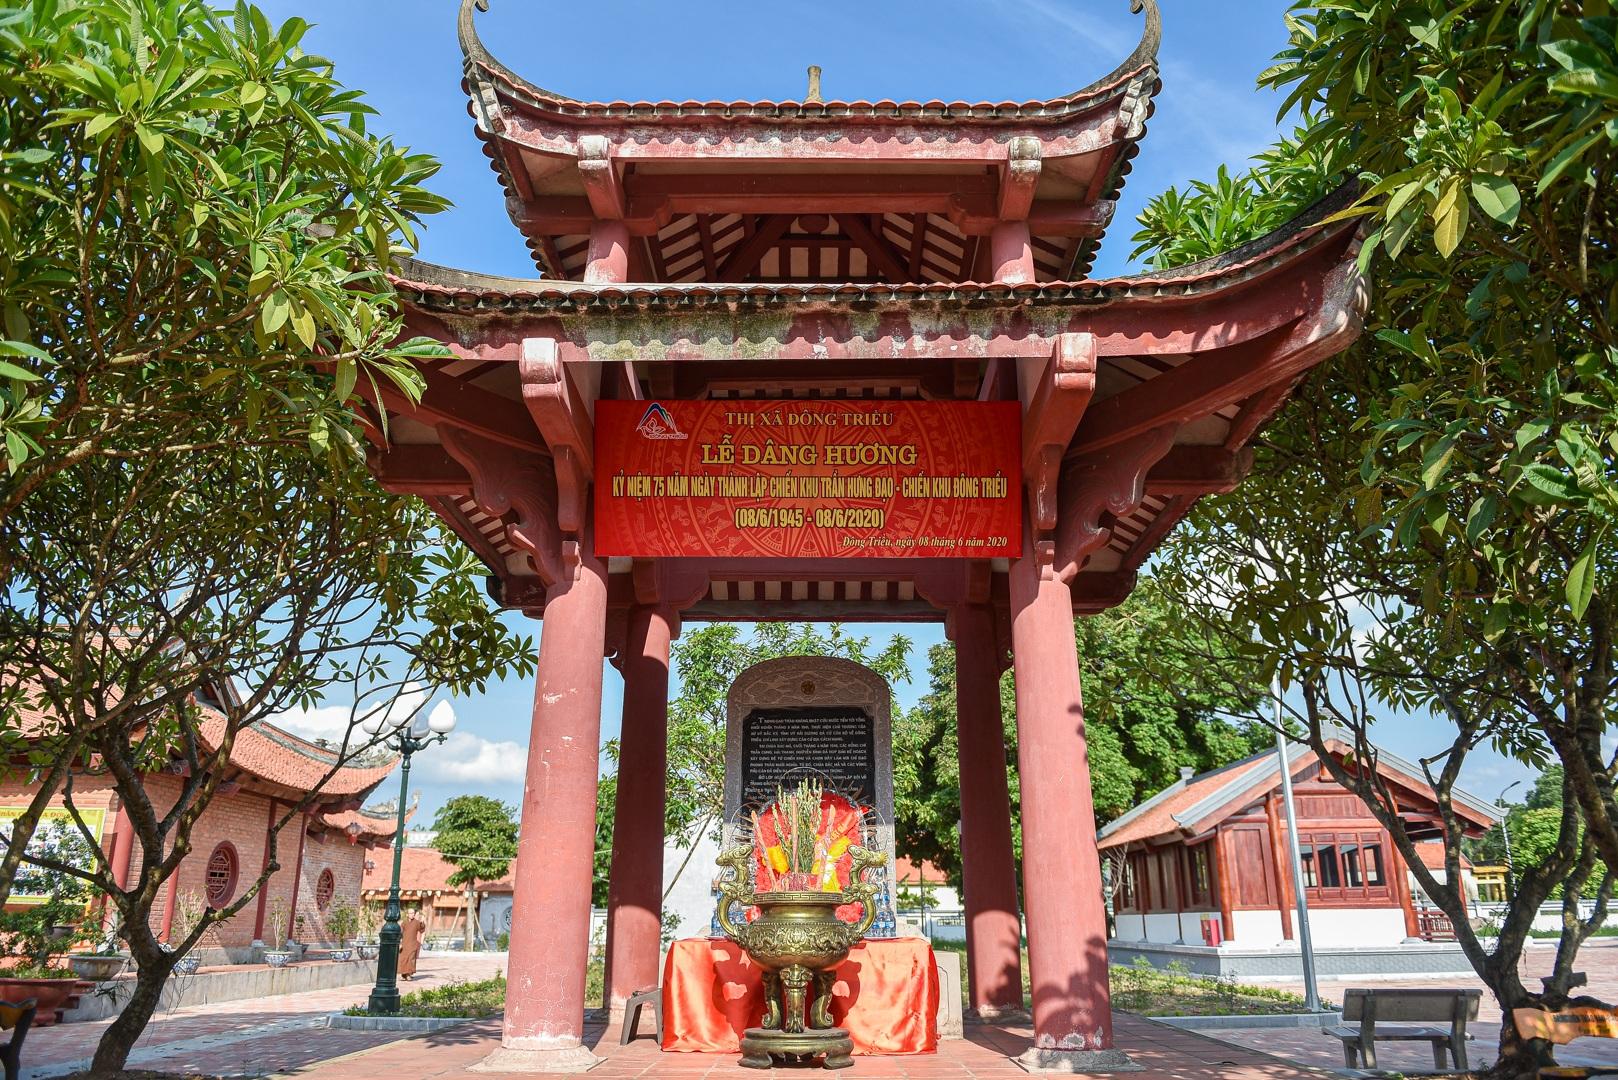 Ngôi chùa 600 tuổi từng là Đệ nhất danh lam vùng Đông Bắc - 6